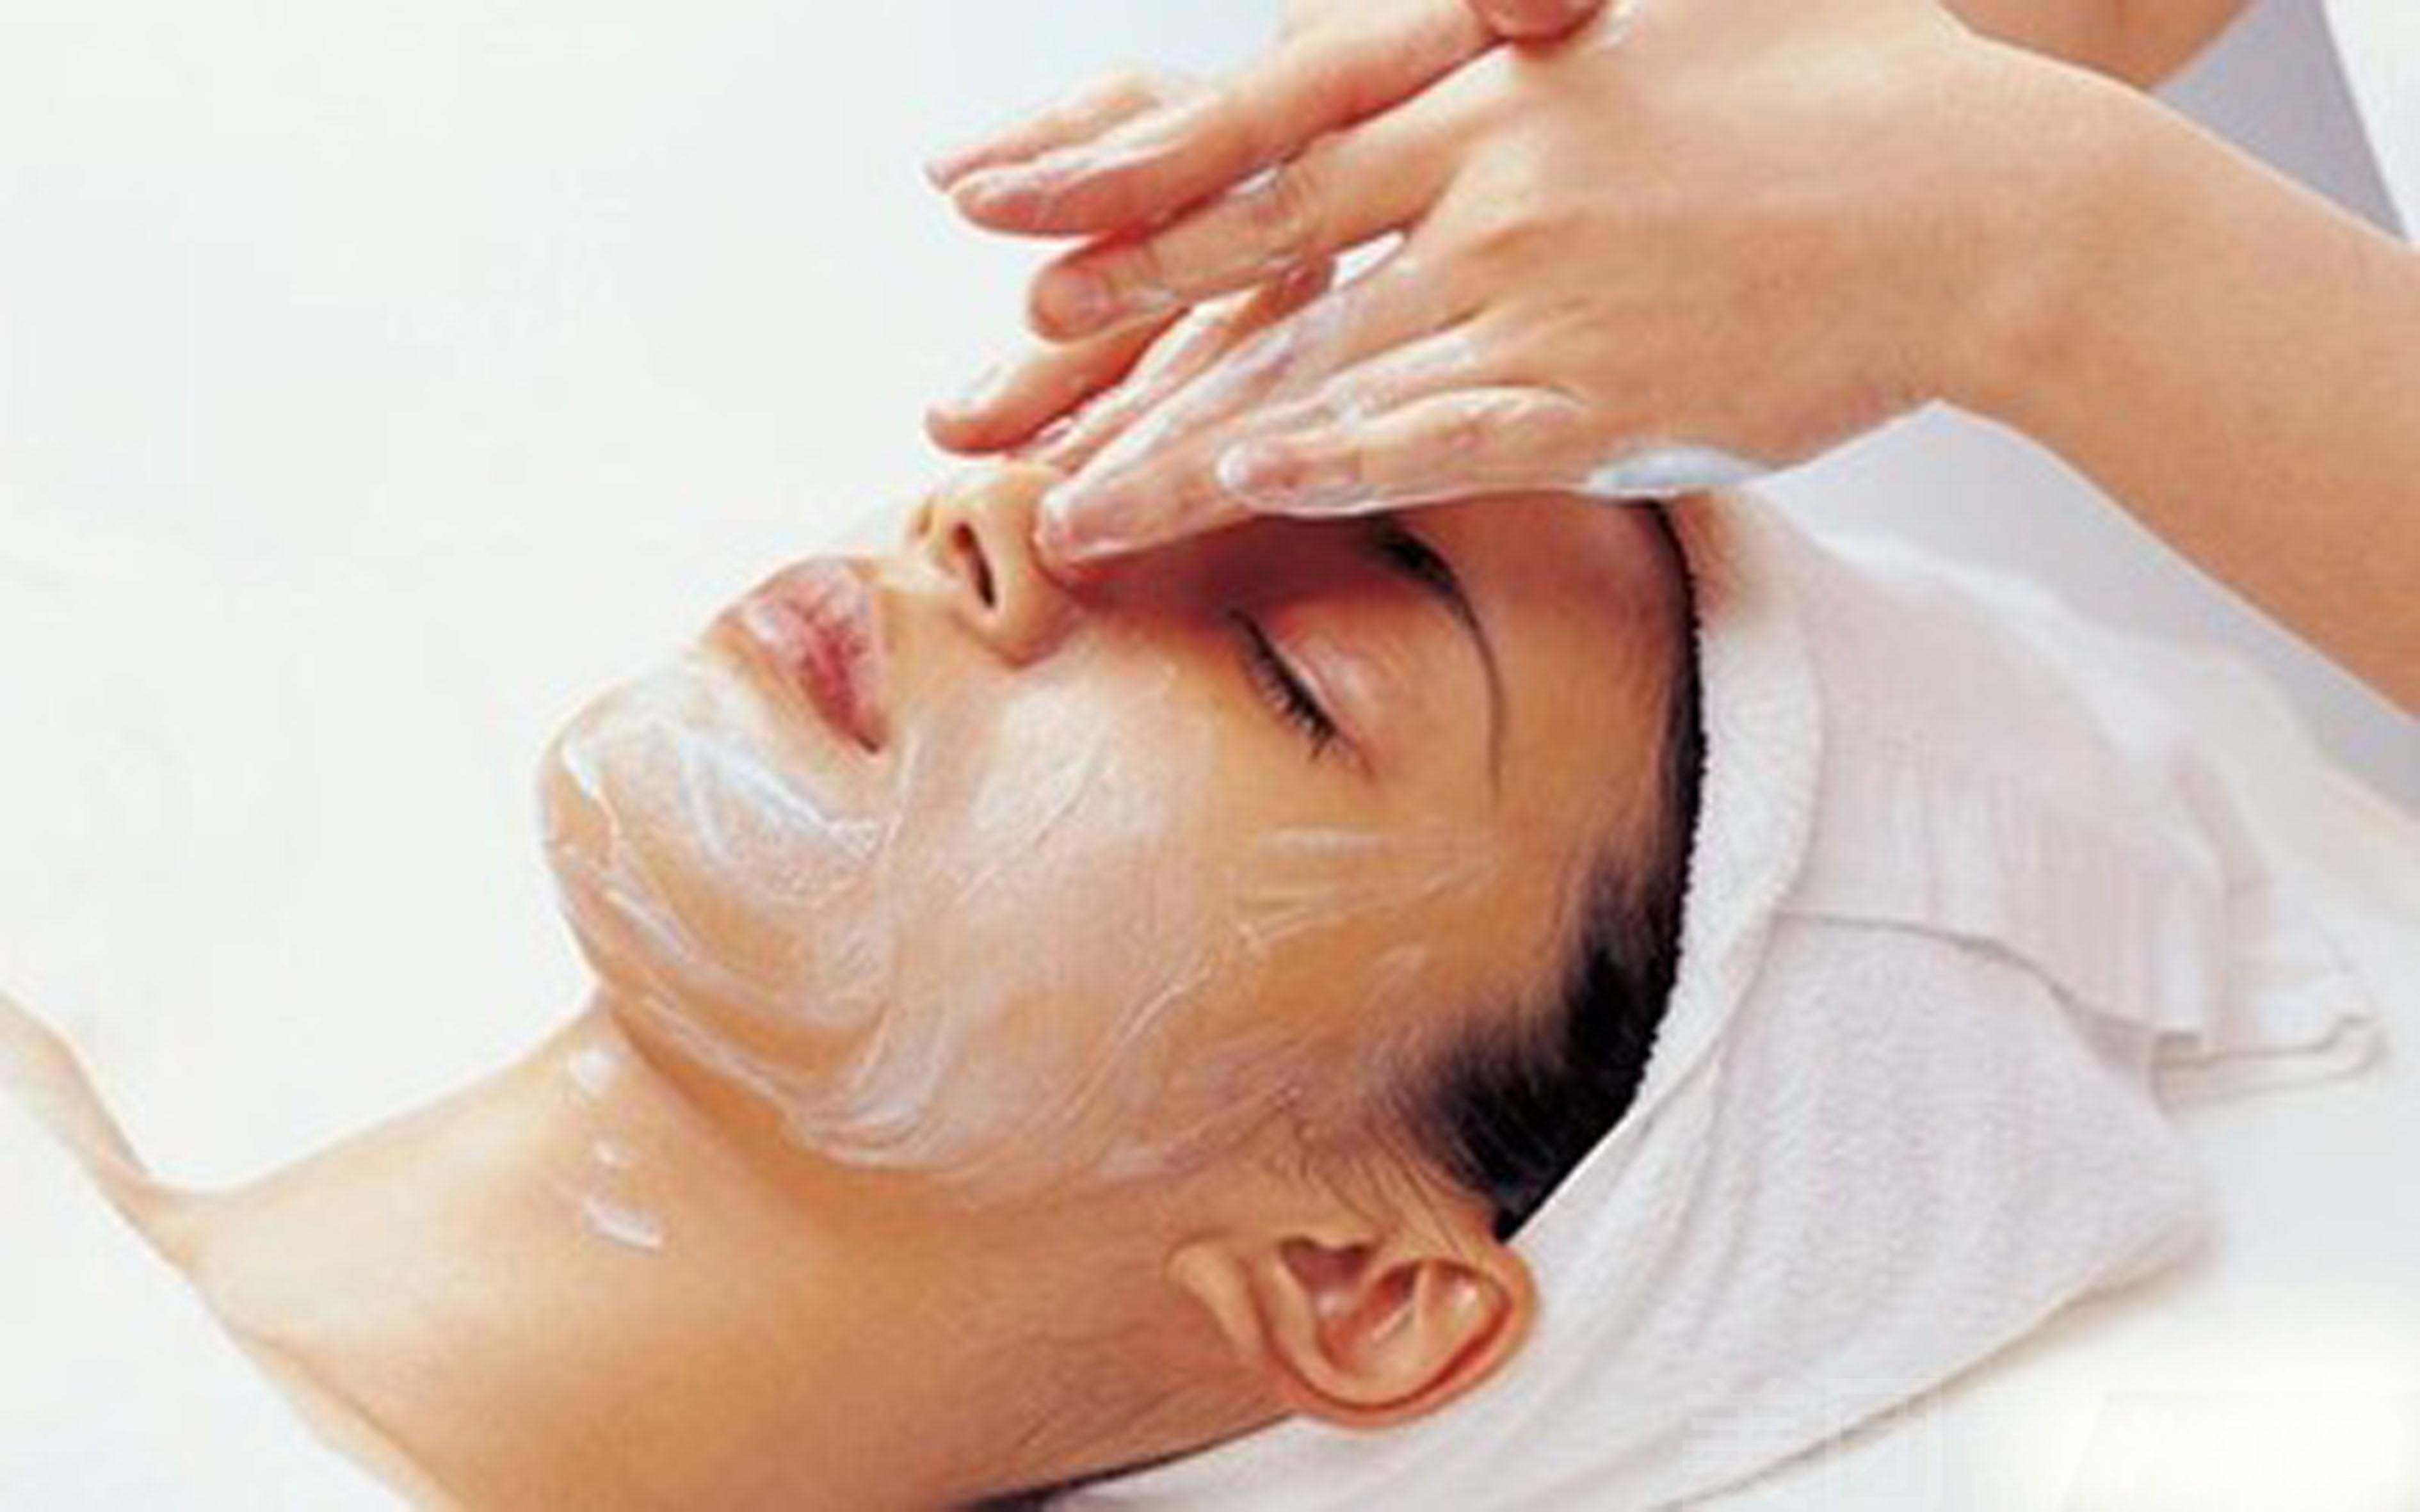 女人脸上长斑不一定是皮肤作怪 可能身体出现了问题